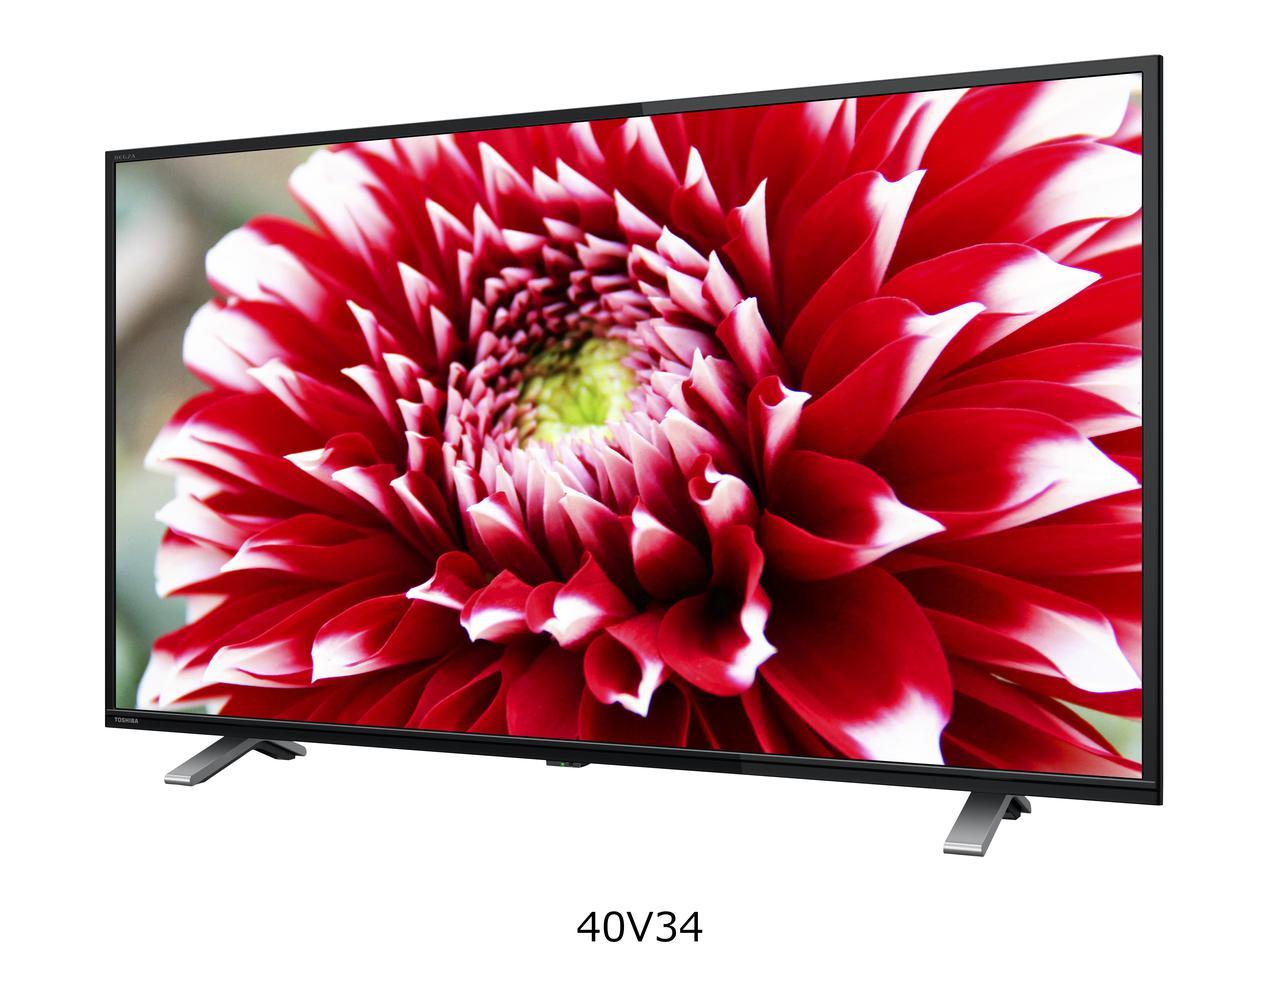 画像: 40V型の「40V34」。このサイズだけフルHD液晶パネルを採用する。